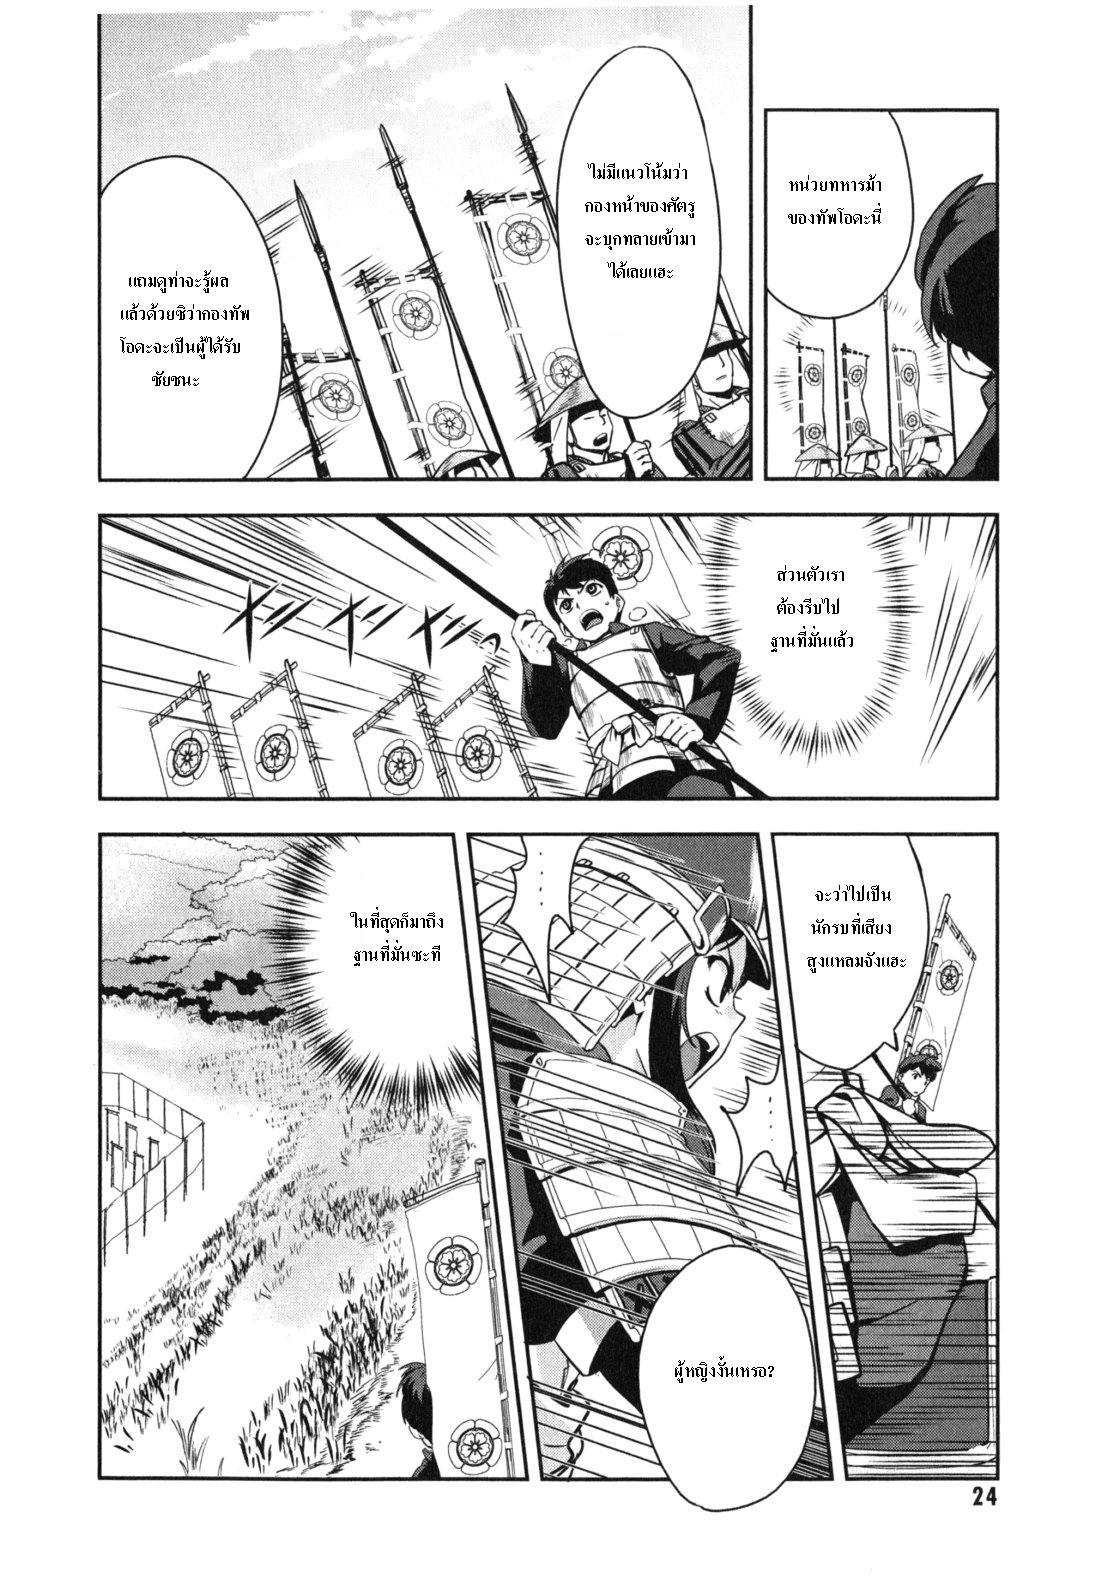 อ่านการ์ตูน Oda nobuna no yabou ch 1.2 ภาพที่ 2